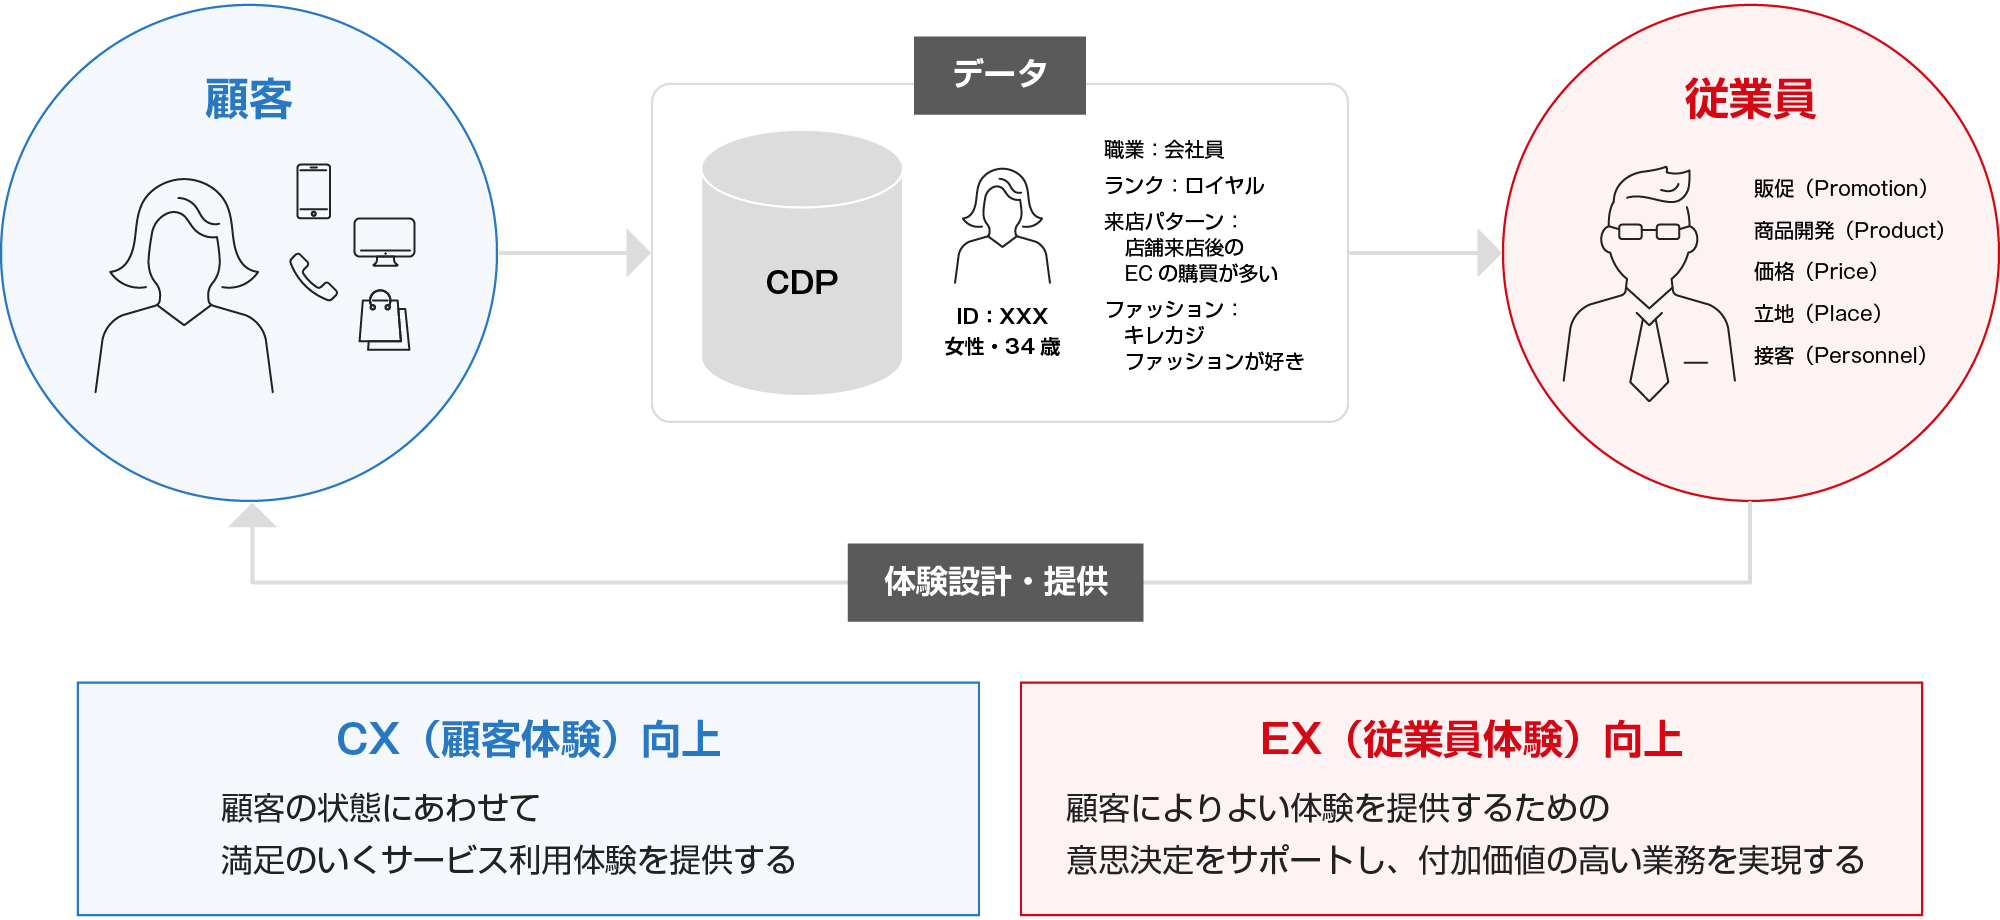 今後より一層のCX向上を考えていくには、データを軸とした、CX設計と体験提供に携わる従業員のEX向上が重要